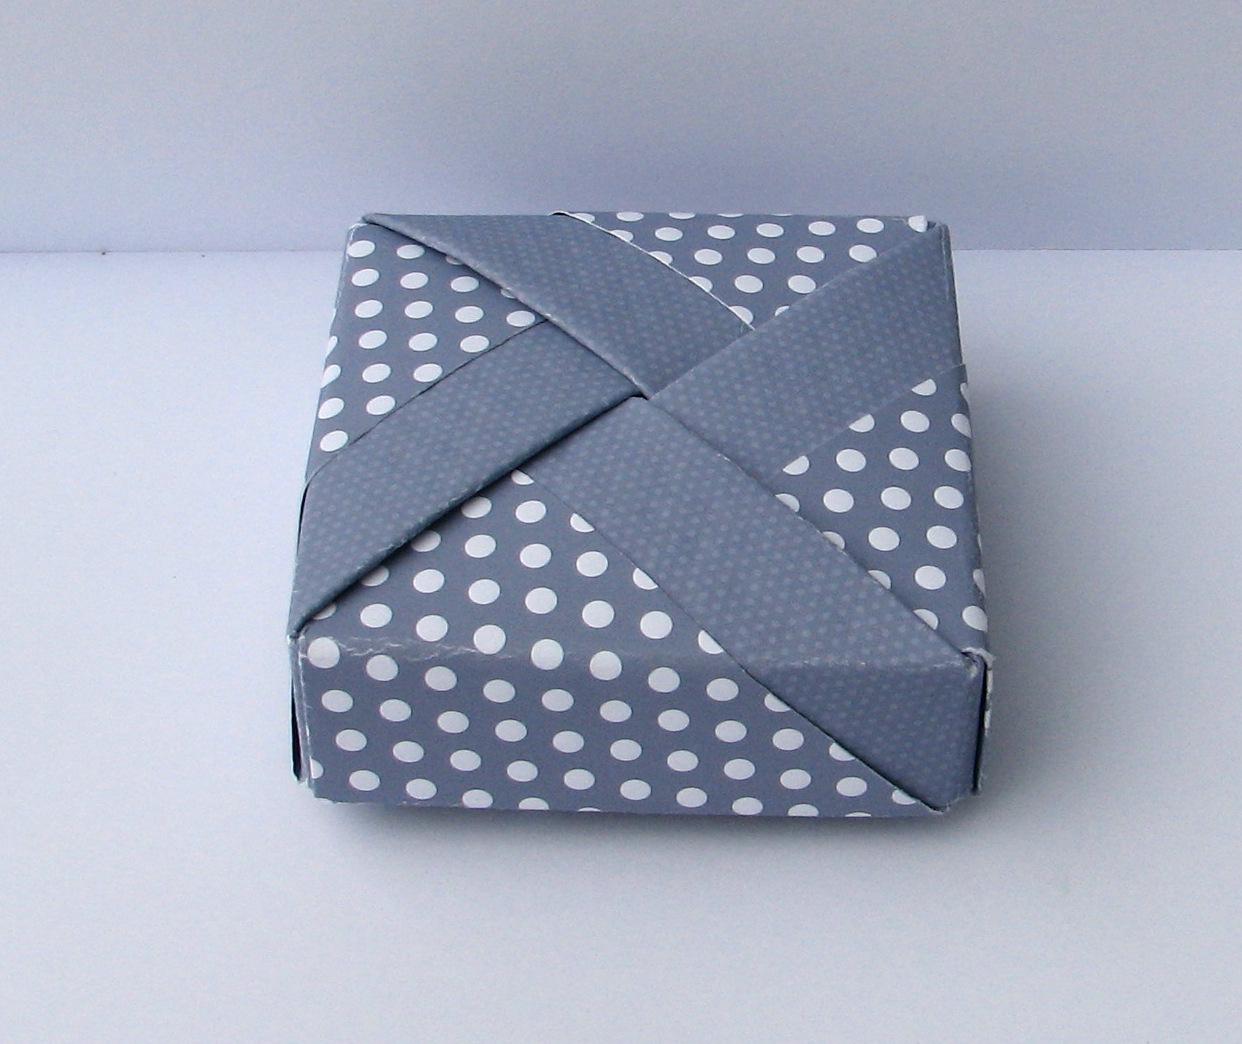 Originelle Geschenkverpackungen Selbst Gemacht Wohn Design